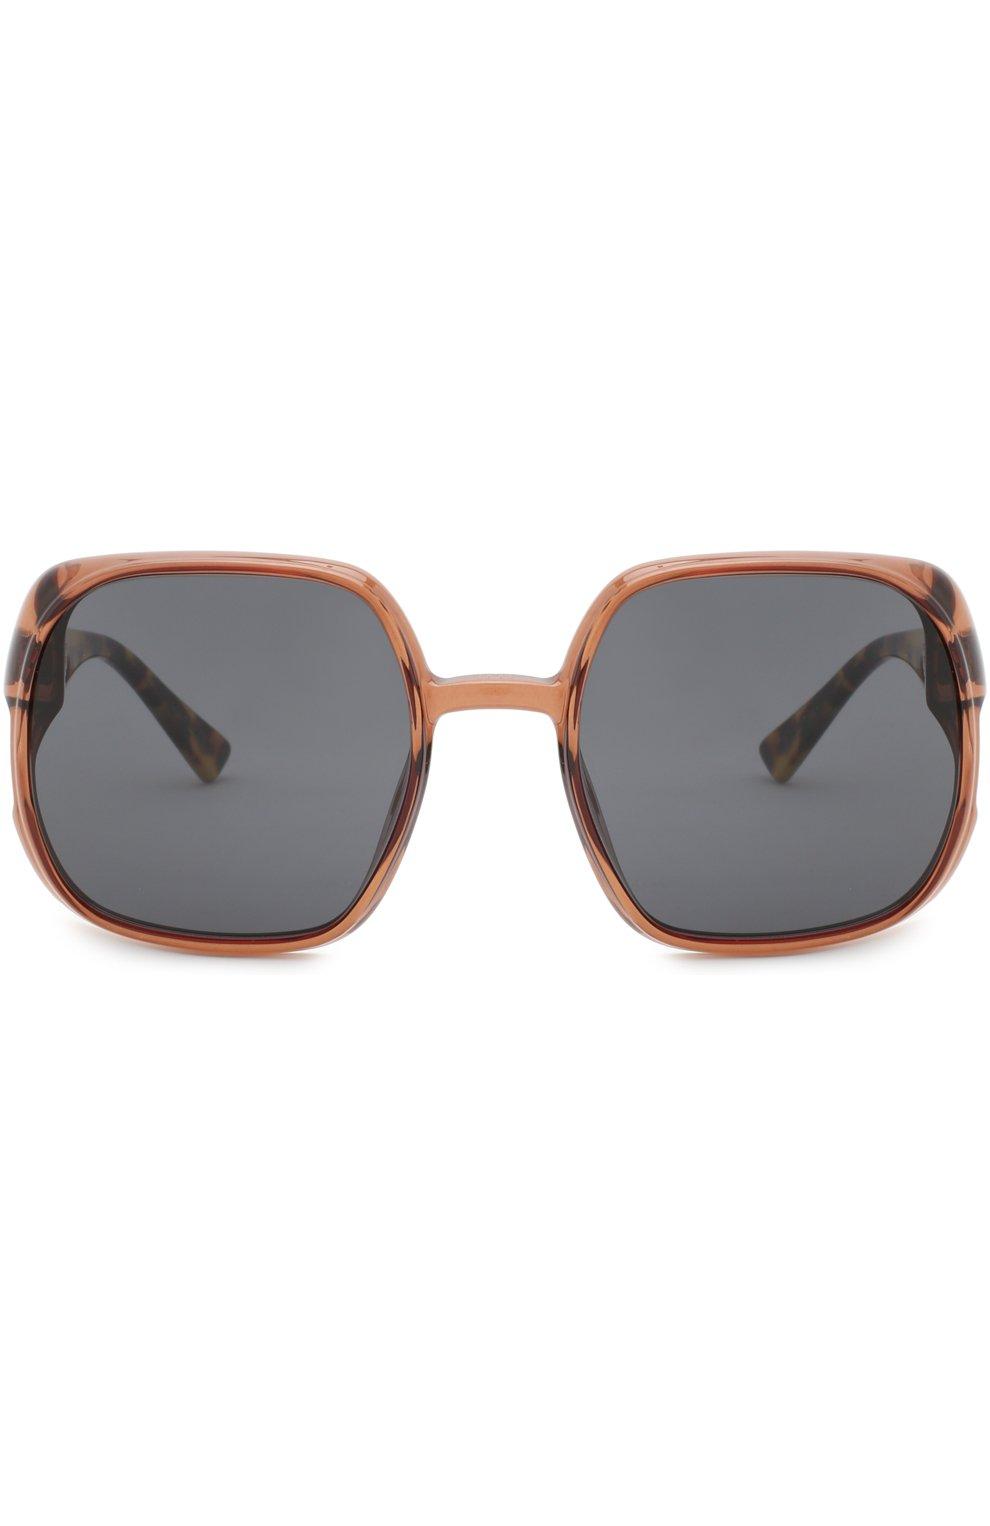 Женские солнцезащитные очки DIOR коричневого цвета, арт. DI0RNUANCE 09Q   Фото 3